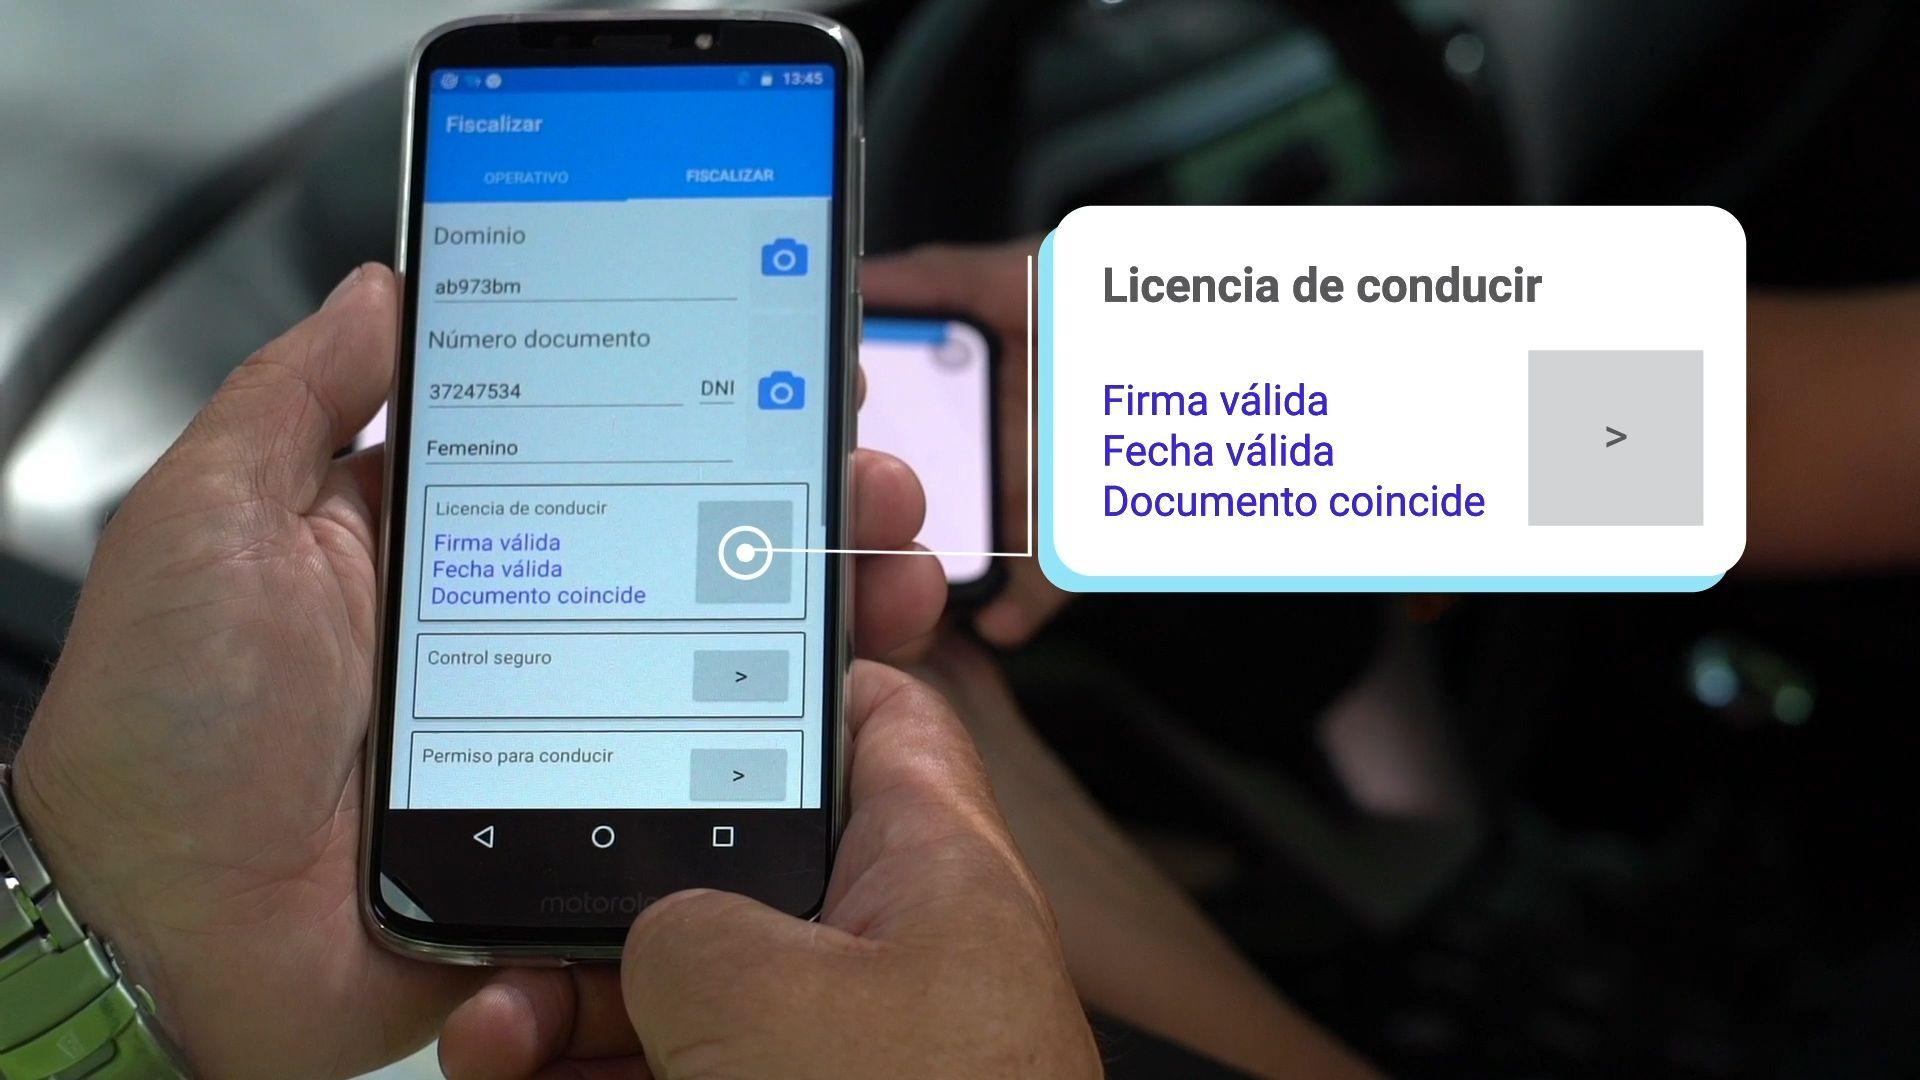 La licencia digital se verá en el celular y desde allí podrá ser fiscalizada por las autoridades competentes.